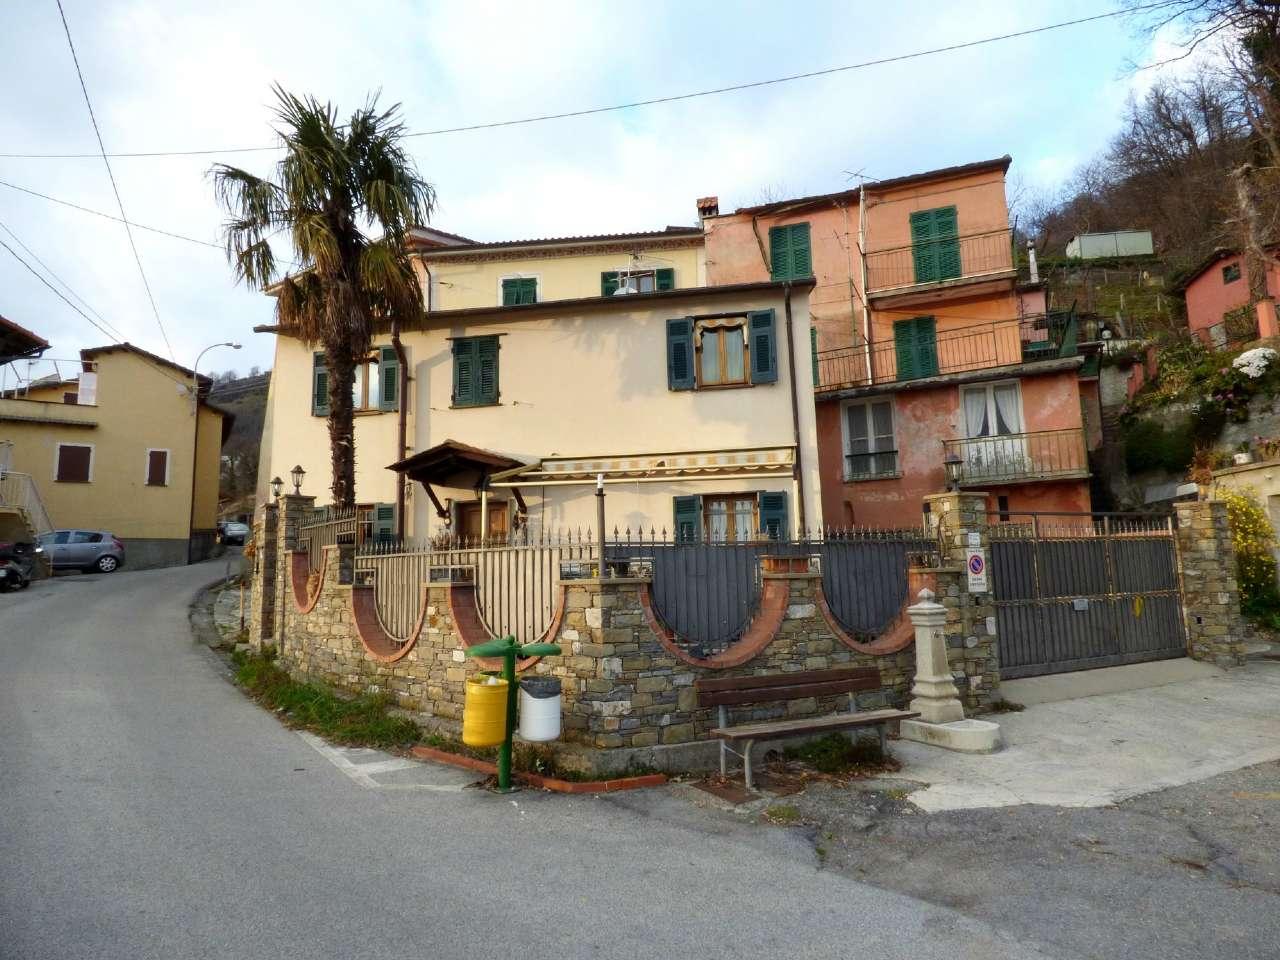 Soluzione Indipendente in vendita a Uscio, 6 locali, prezzo € 149.000 | Cambio Casa.it